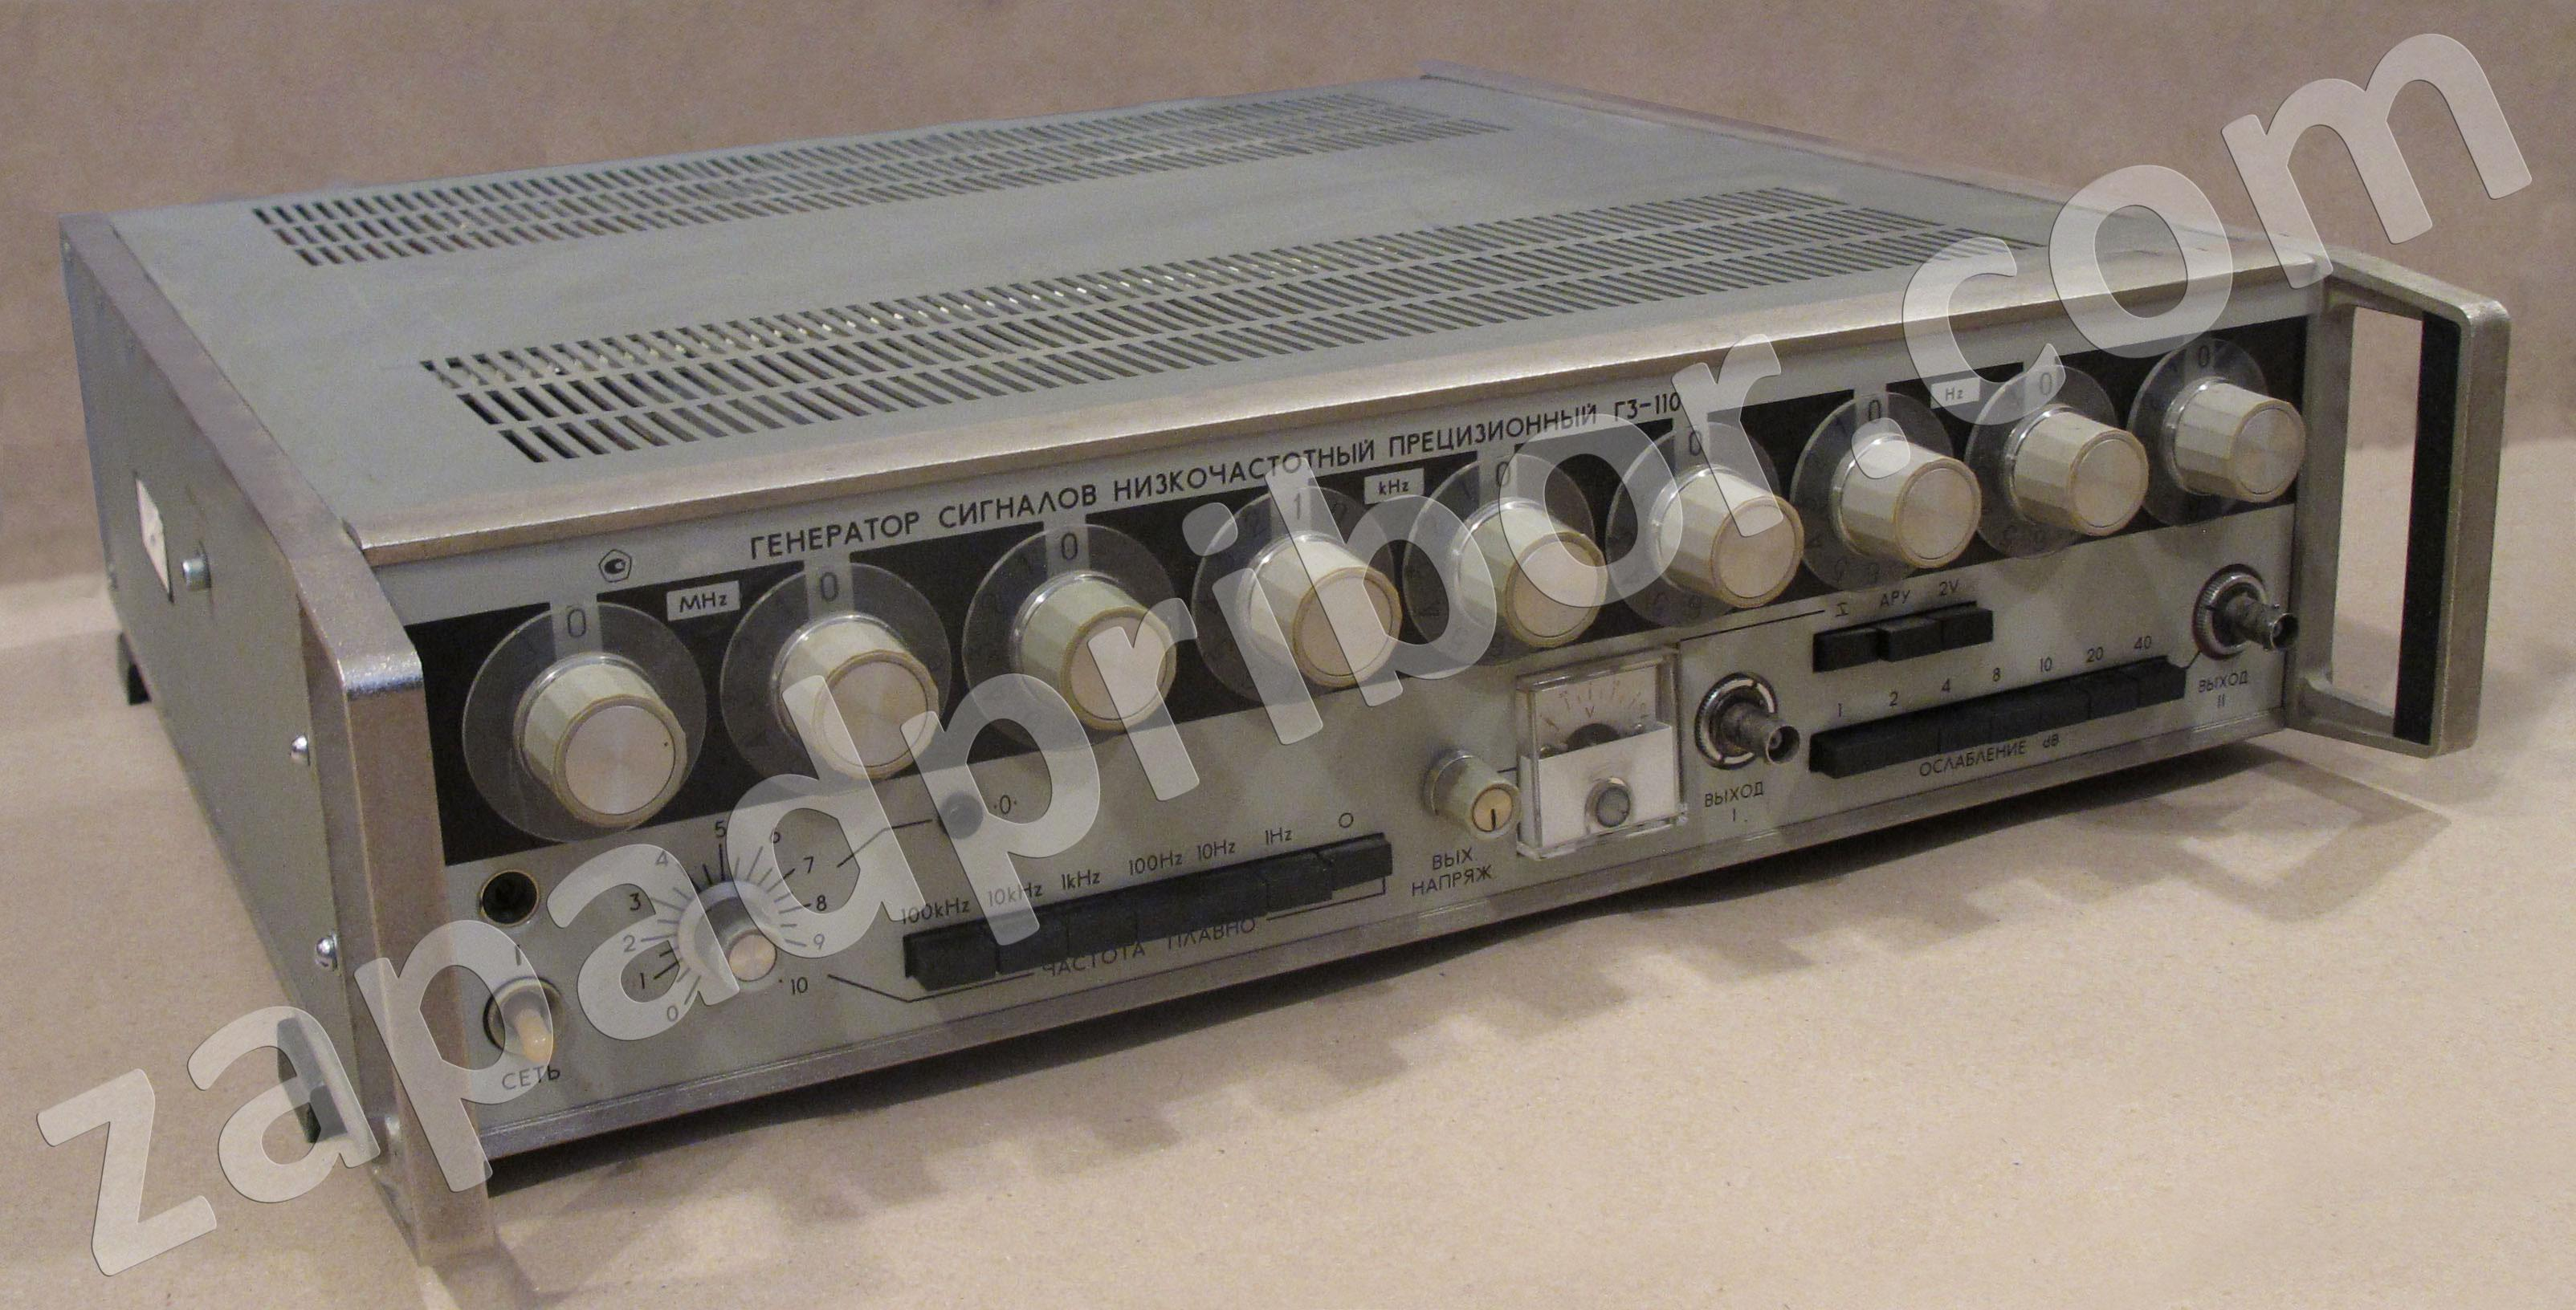 Низкочастотный генератор диапазоны от 0.01 гц до 2 мгц